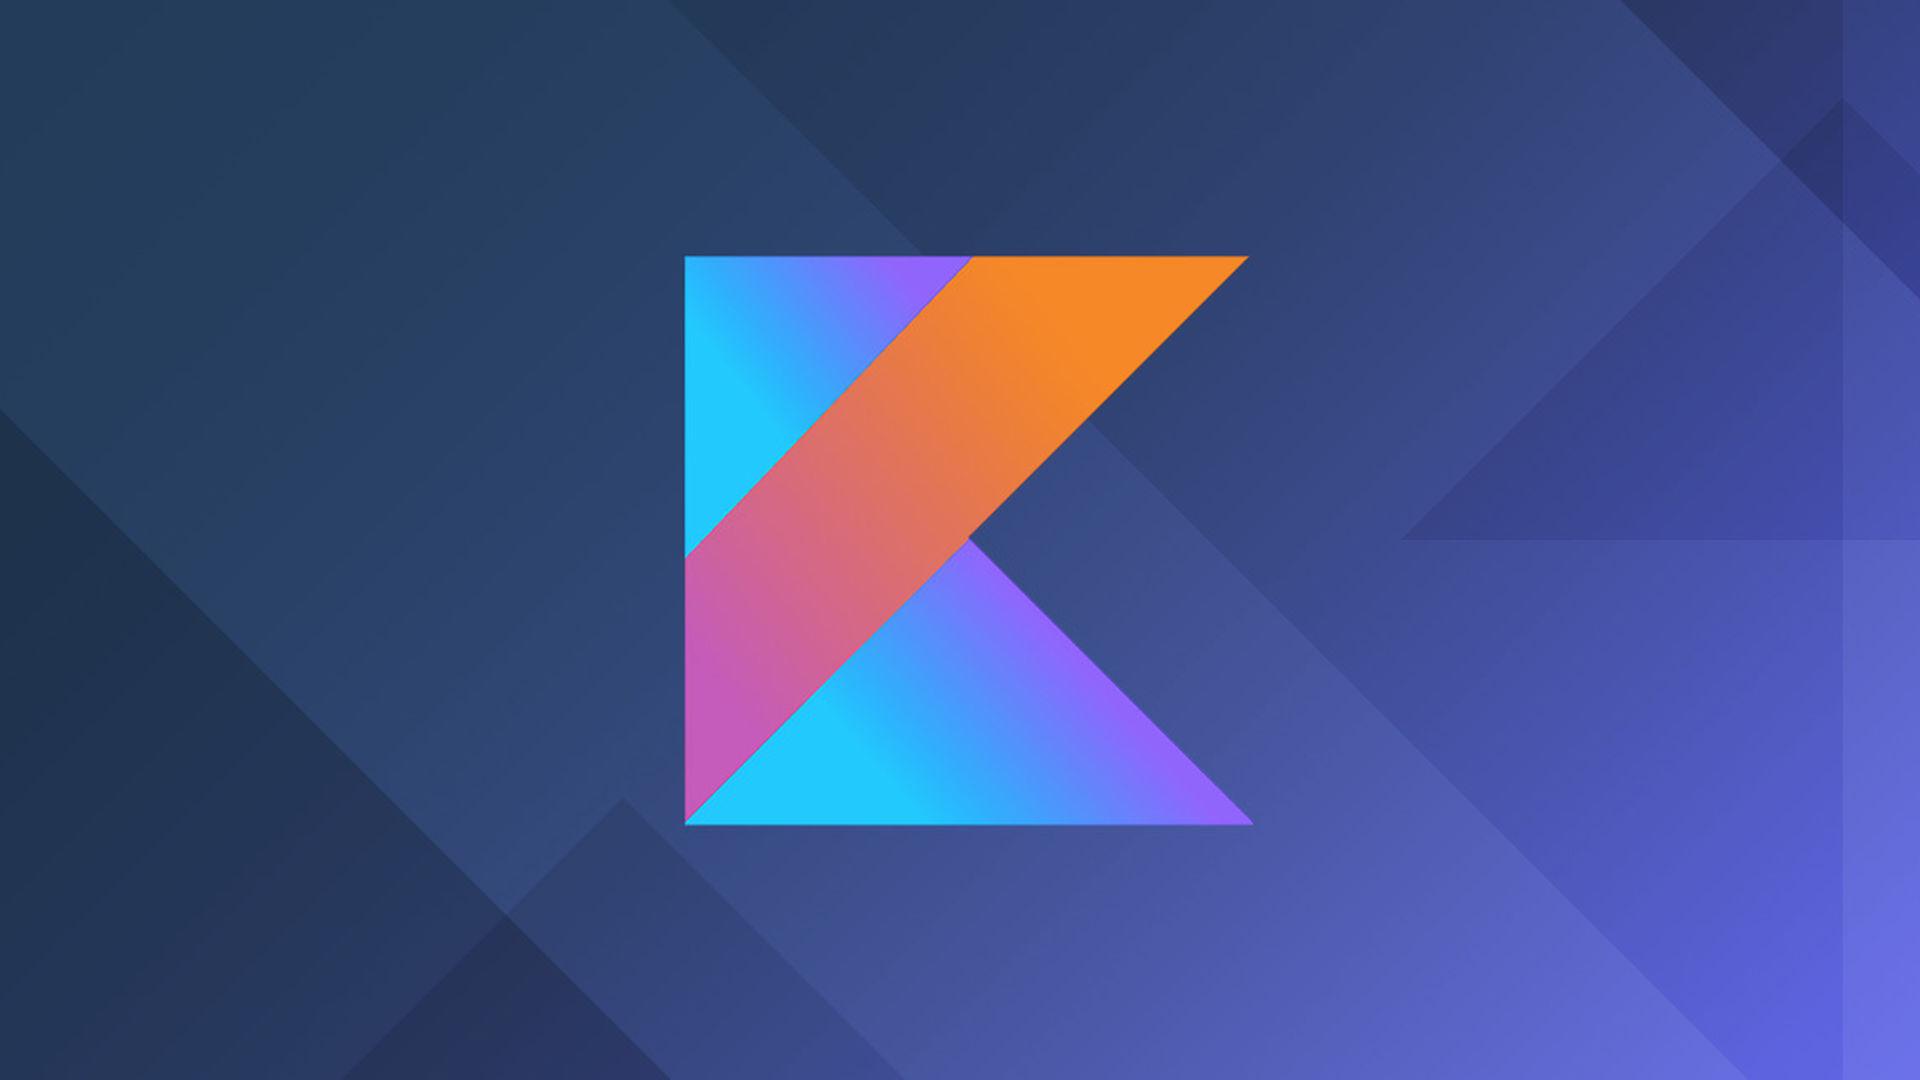 Realm: к концу 2018 года Kotlin потеснит Java и станет основным языком для разработки Android-приложений